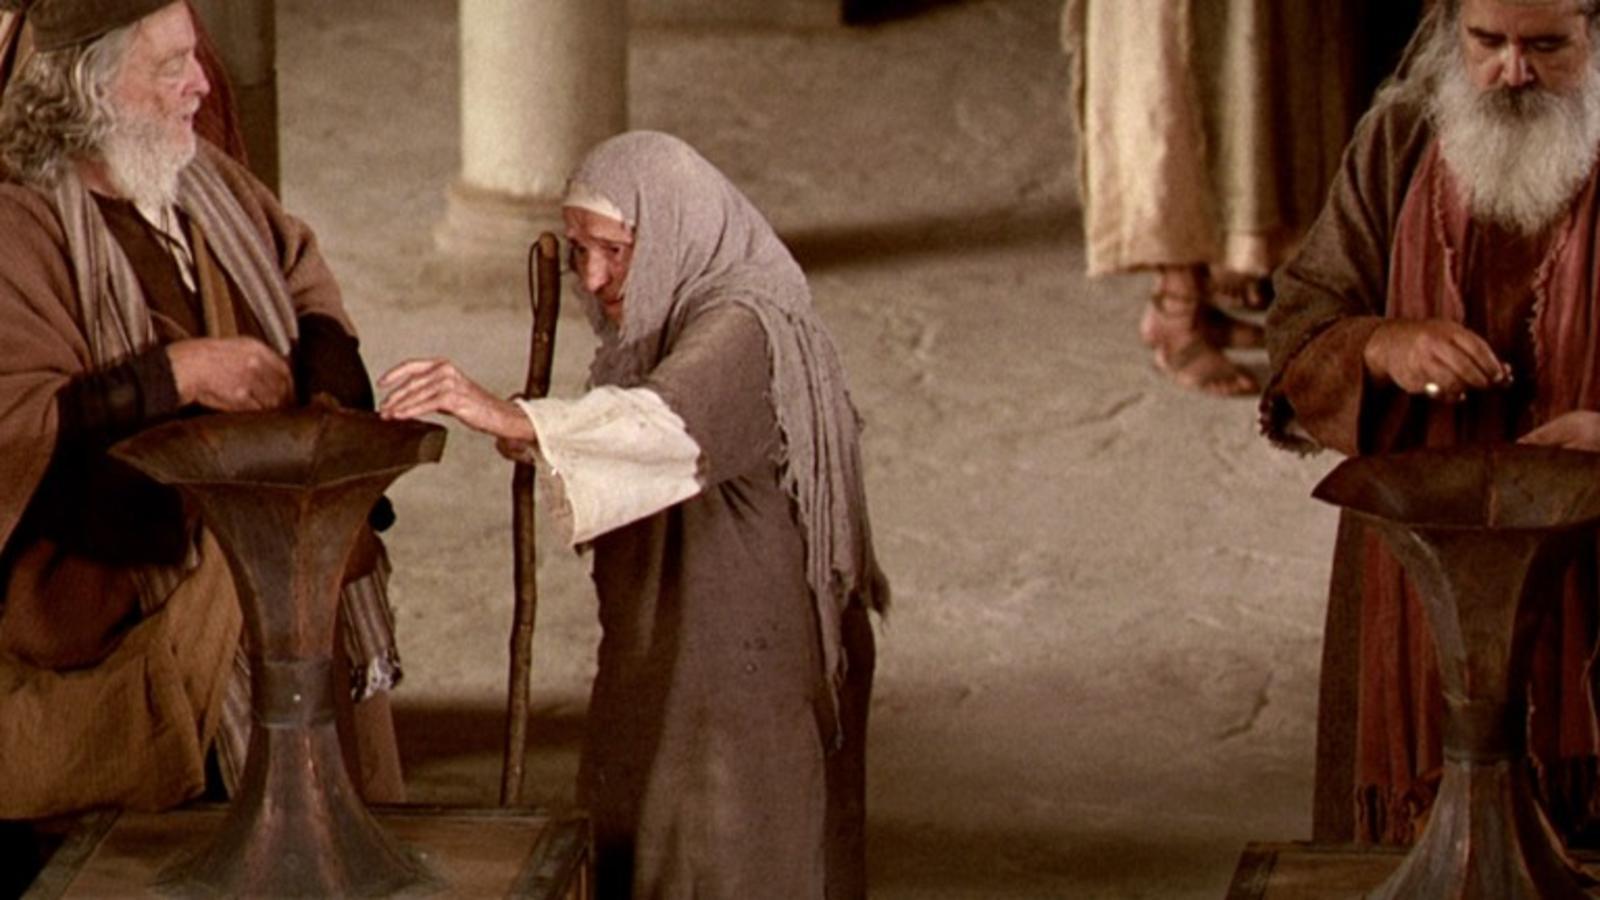 Великий пост. Евангелие от Марка 11-12